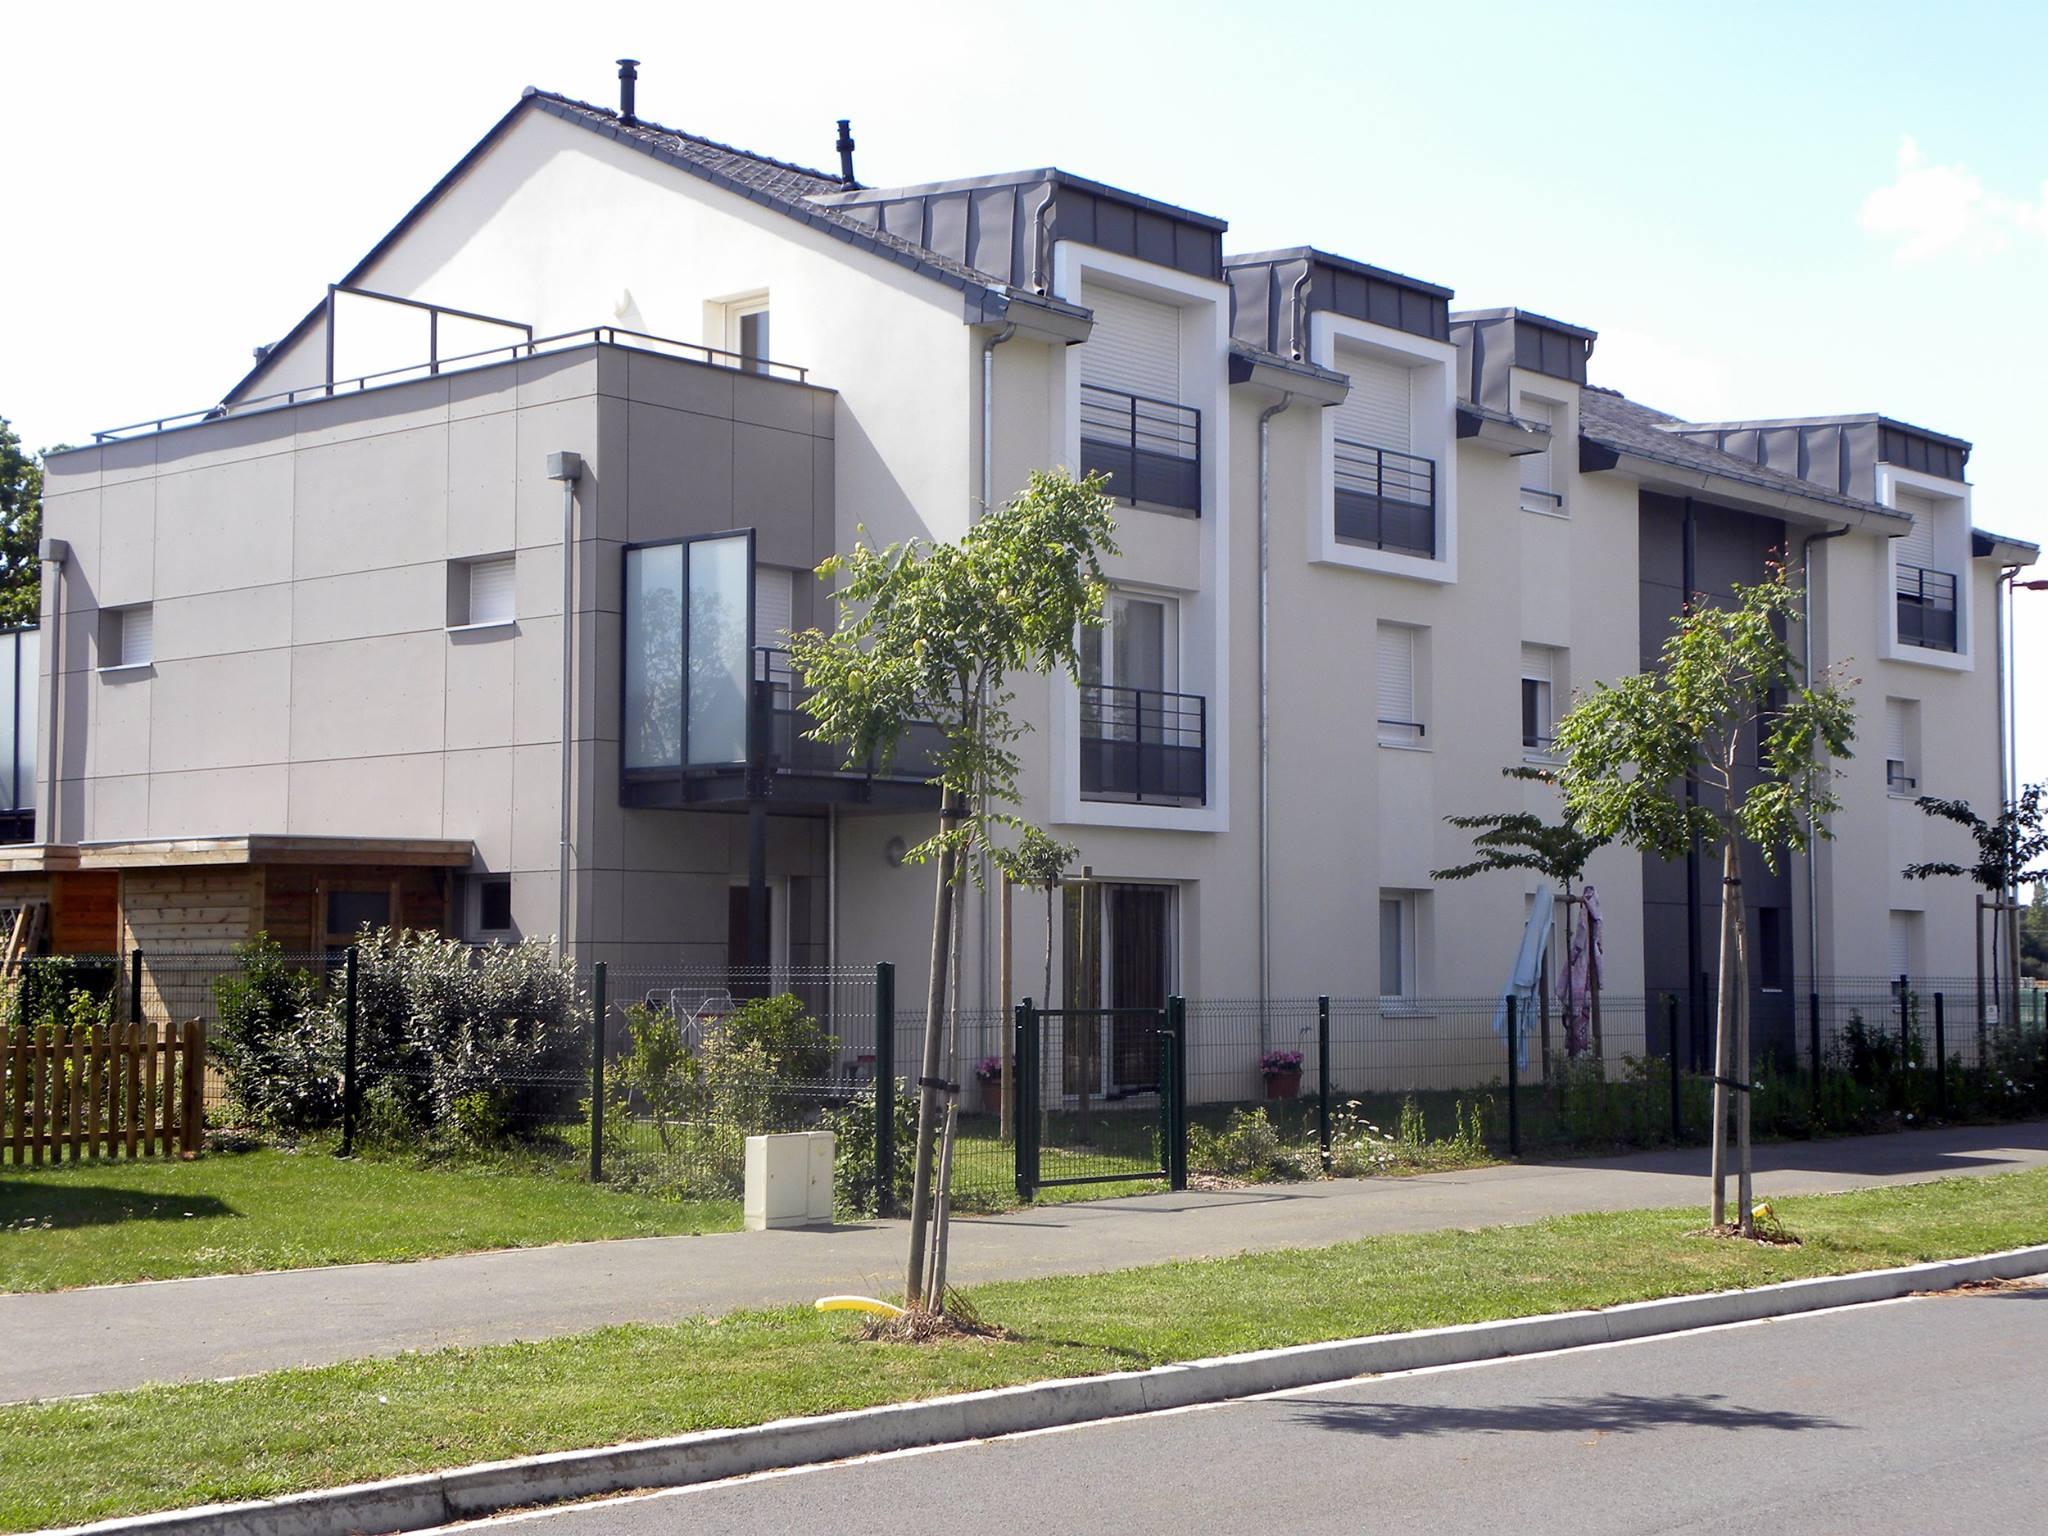 panneaux de façade en fibrociment de type TECTIVA coloris taupe et NATURA coloris gris